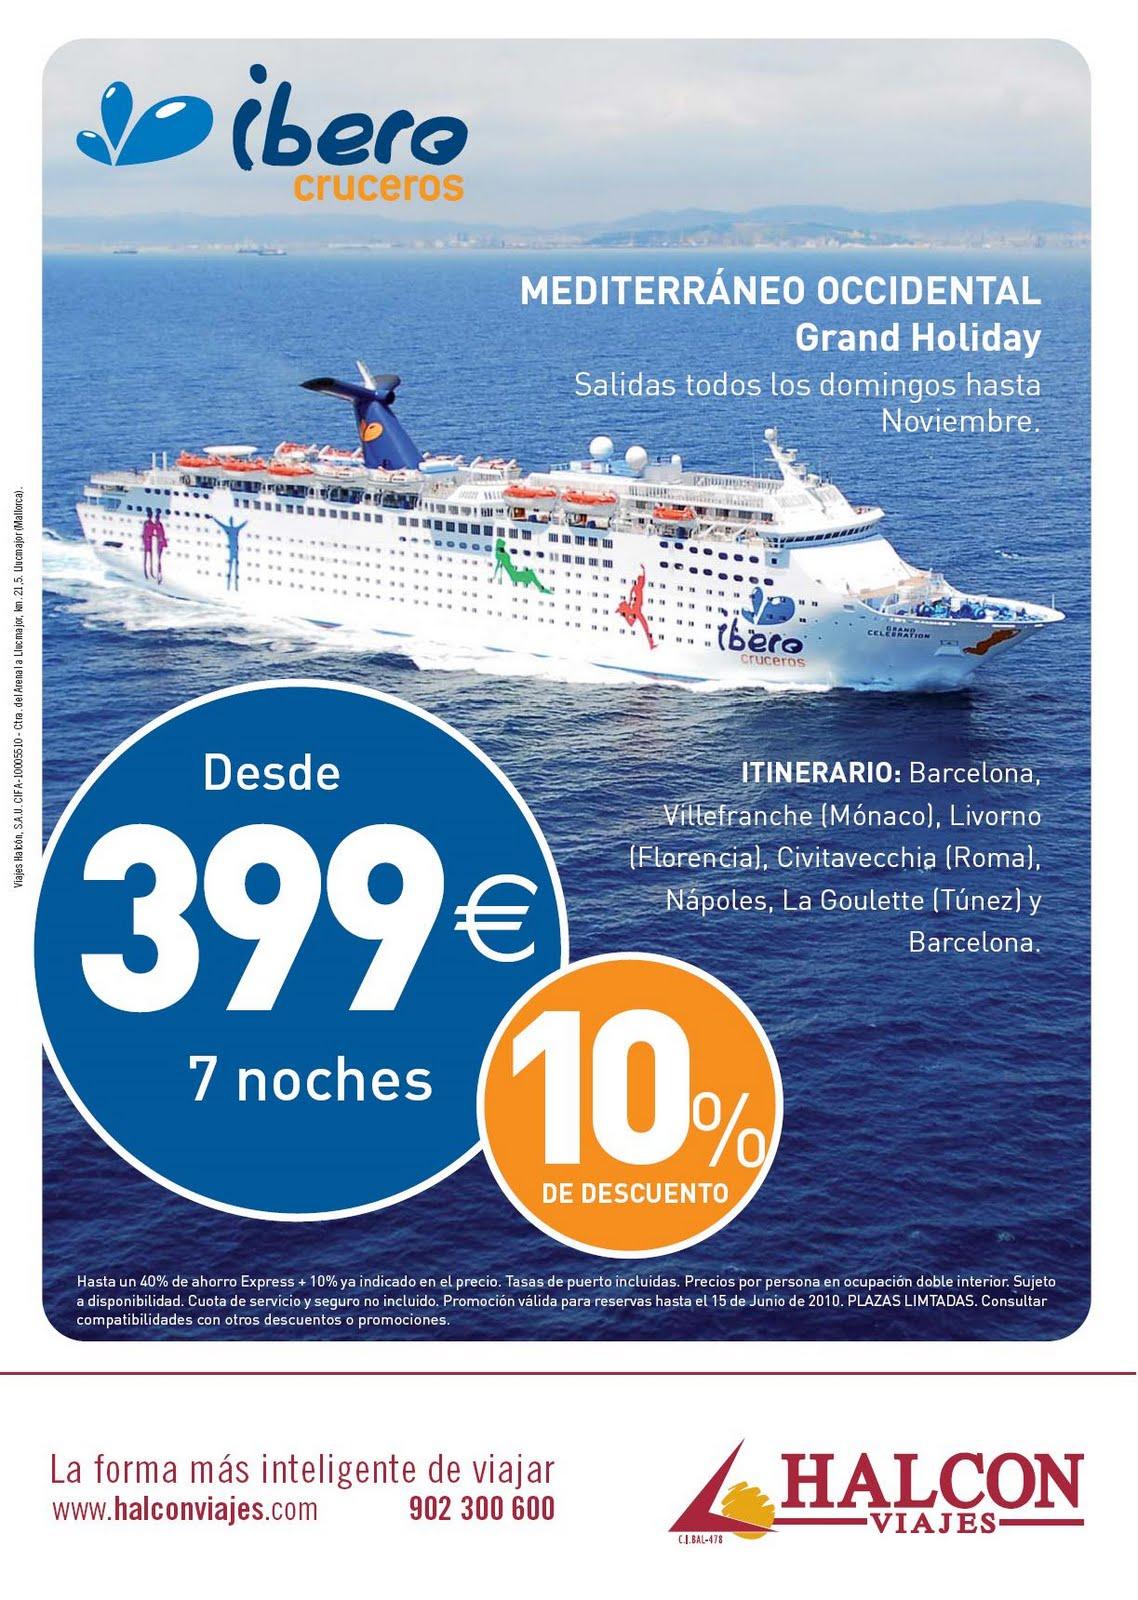 Halcon viajes lorca c cubo14 oferton con ibero cruceros - Oficinas viajes halcon ...